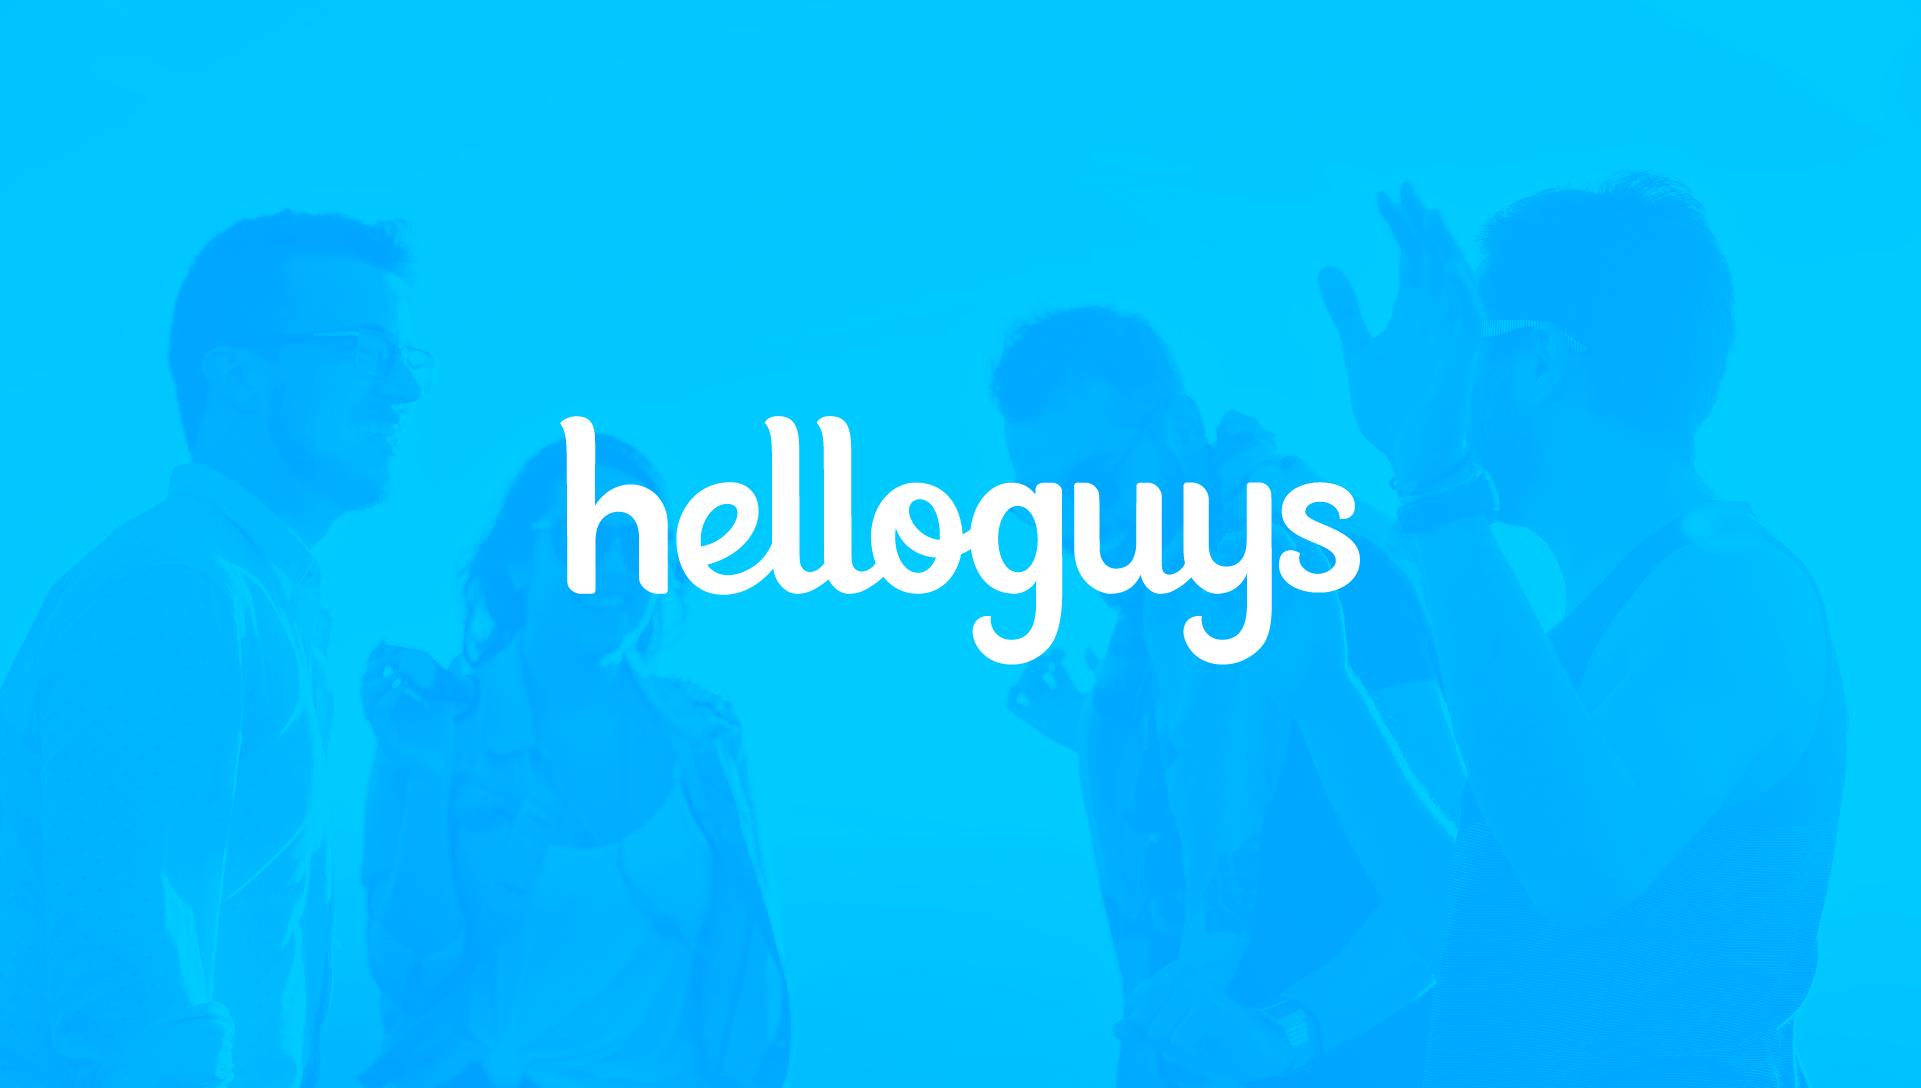 Helloguys logo vector 10